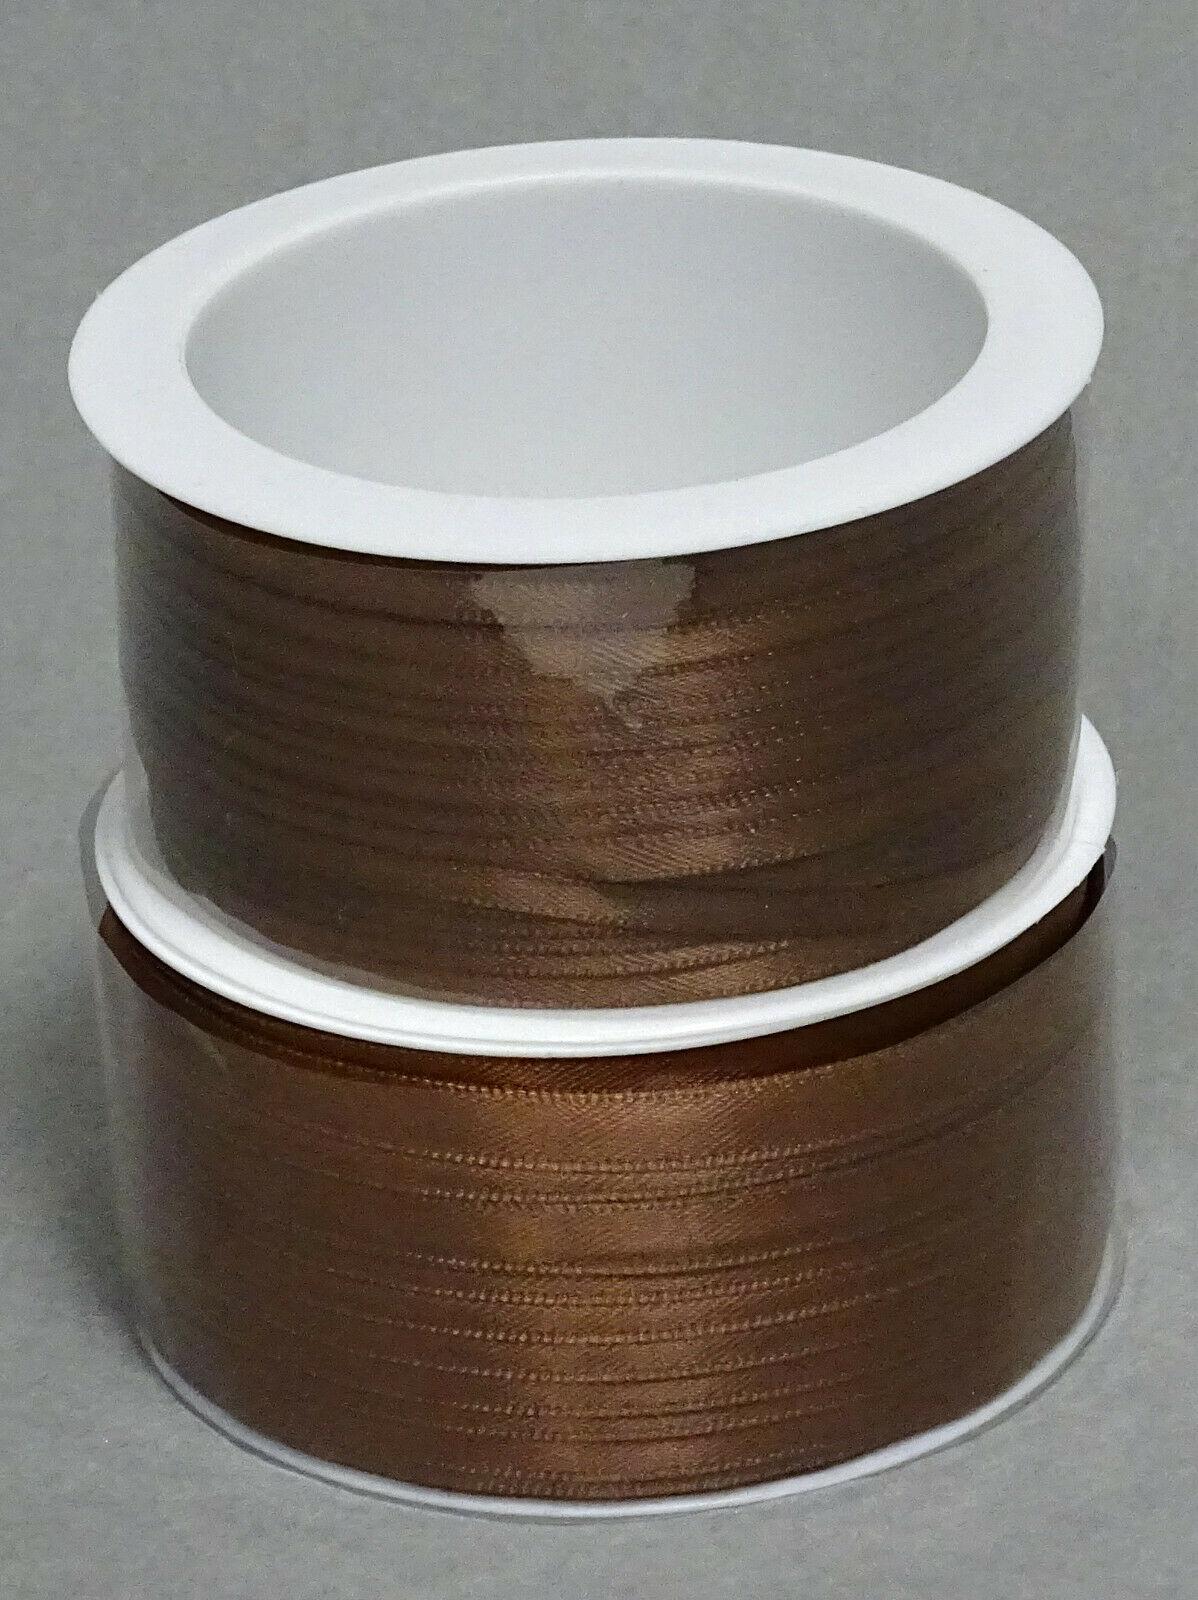 Satinband Schleifenband 50m x 3mm / 6mm Dekoband ab 0,05 €/m Geschenkband Rolle - Braun 132, 6 mm x 50 m